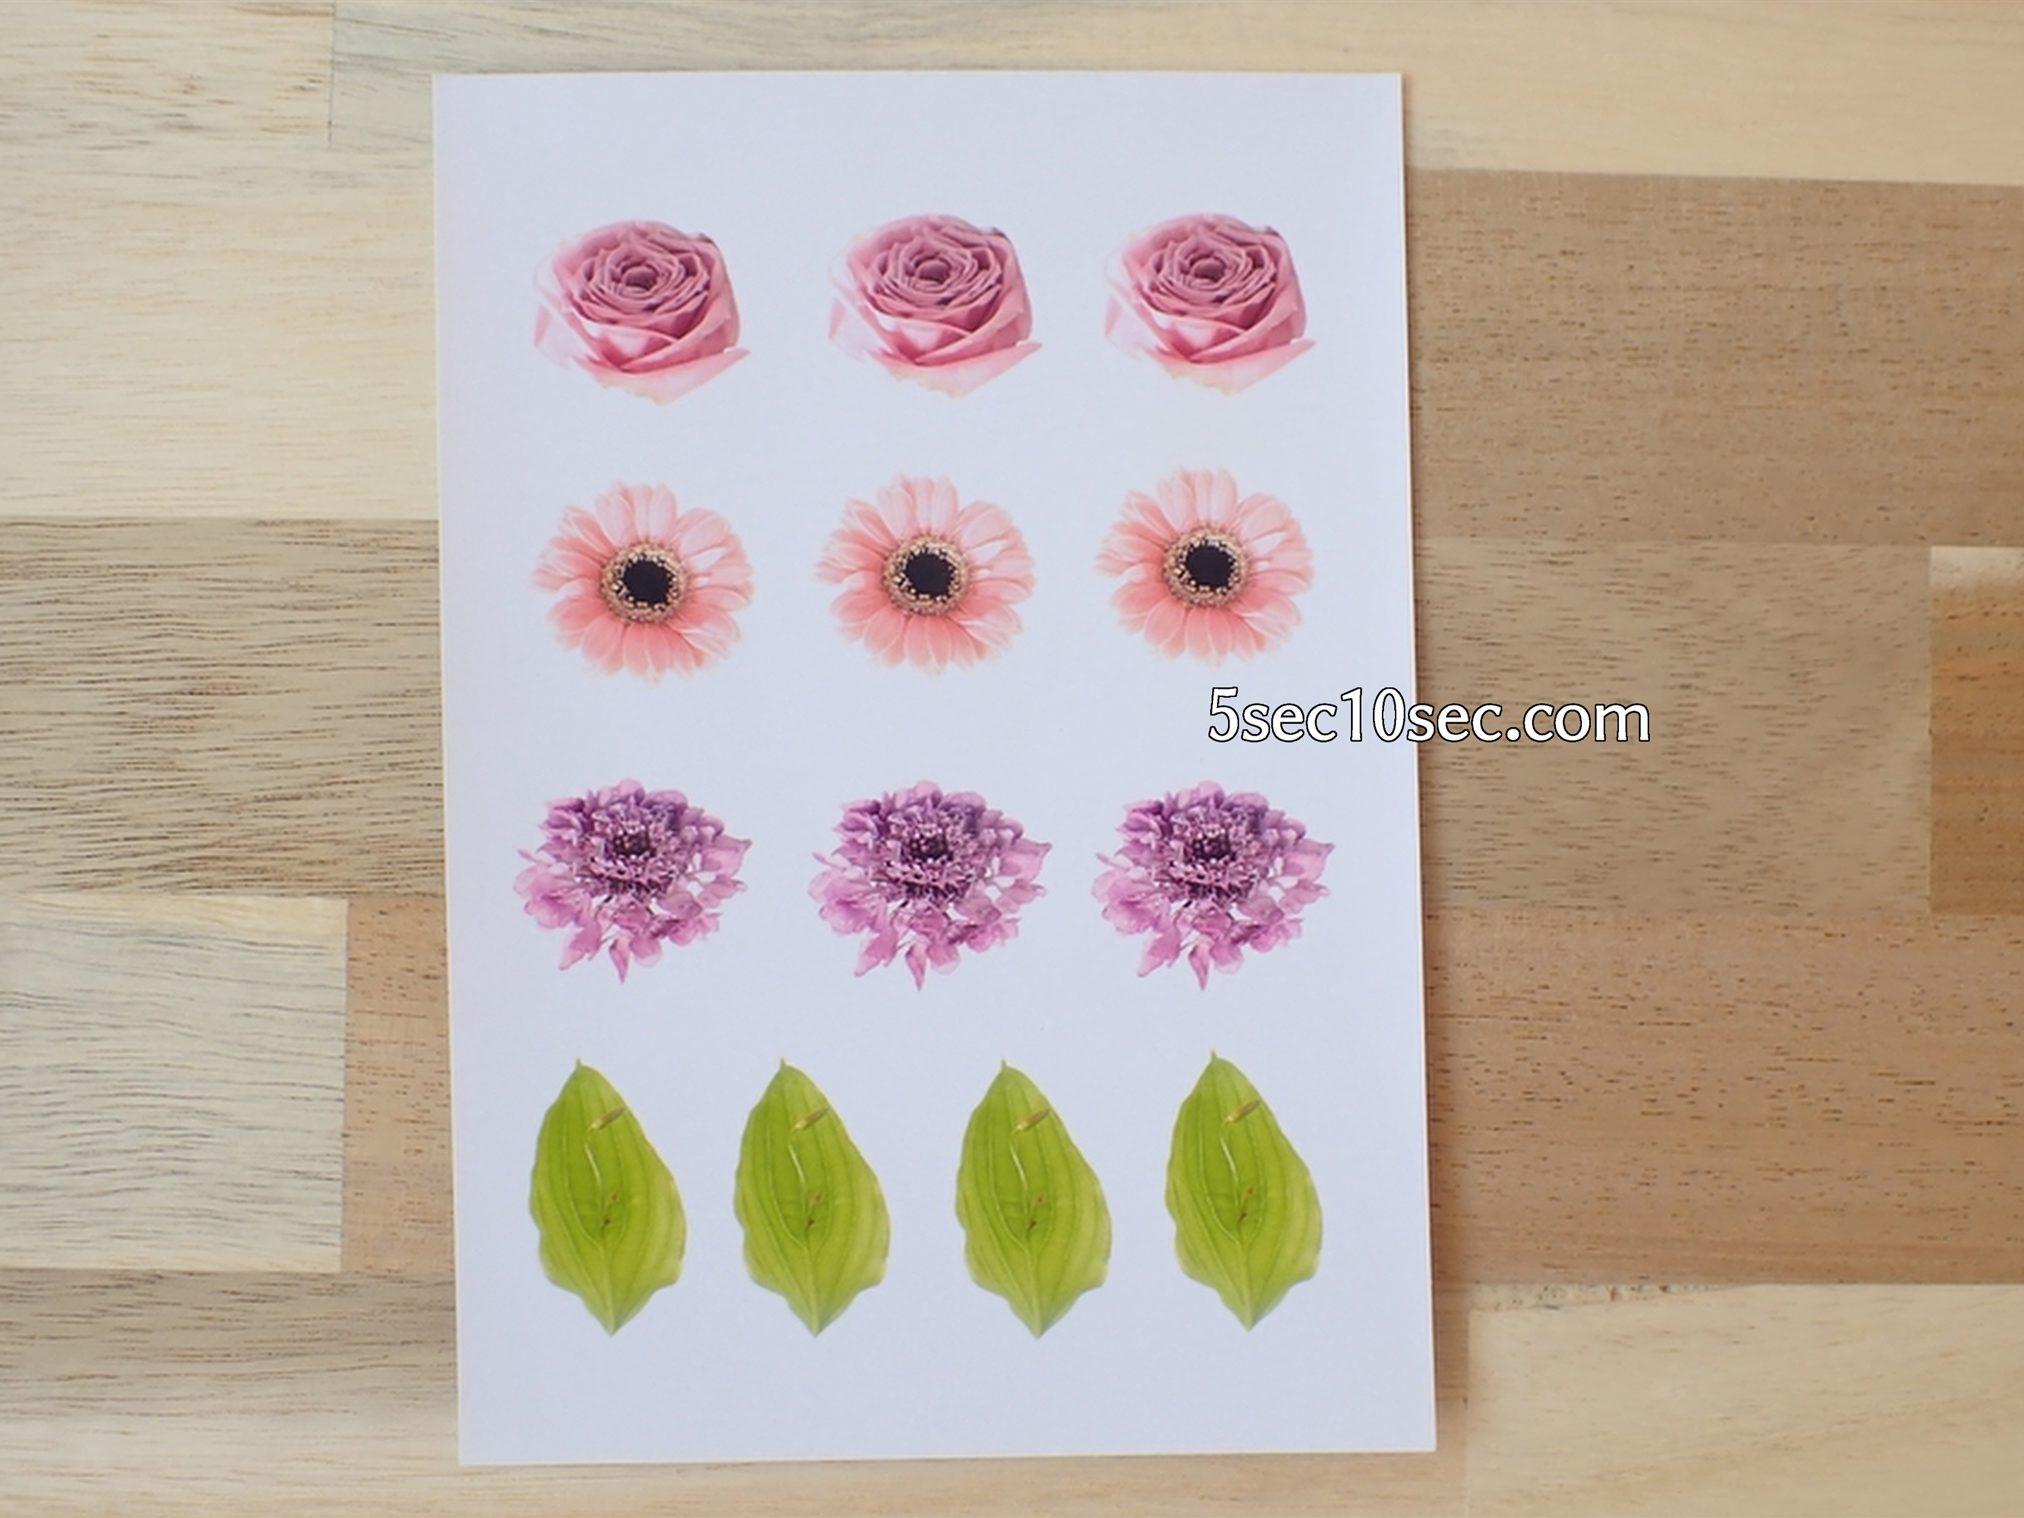 株式会社Crunch Style お花の定期便 Bloomee LIFE ブルーミーライフ レギュラープラン 切り花、生花を使って作ったシール、シール用紙に印刷して作りました